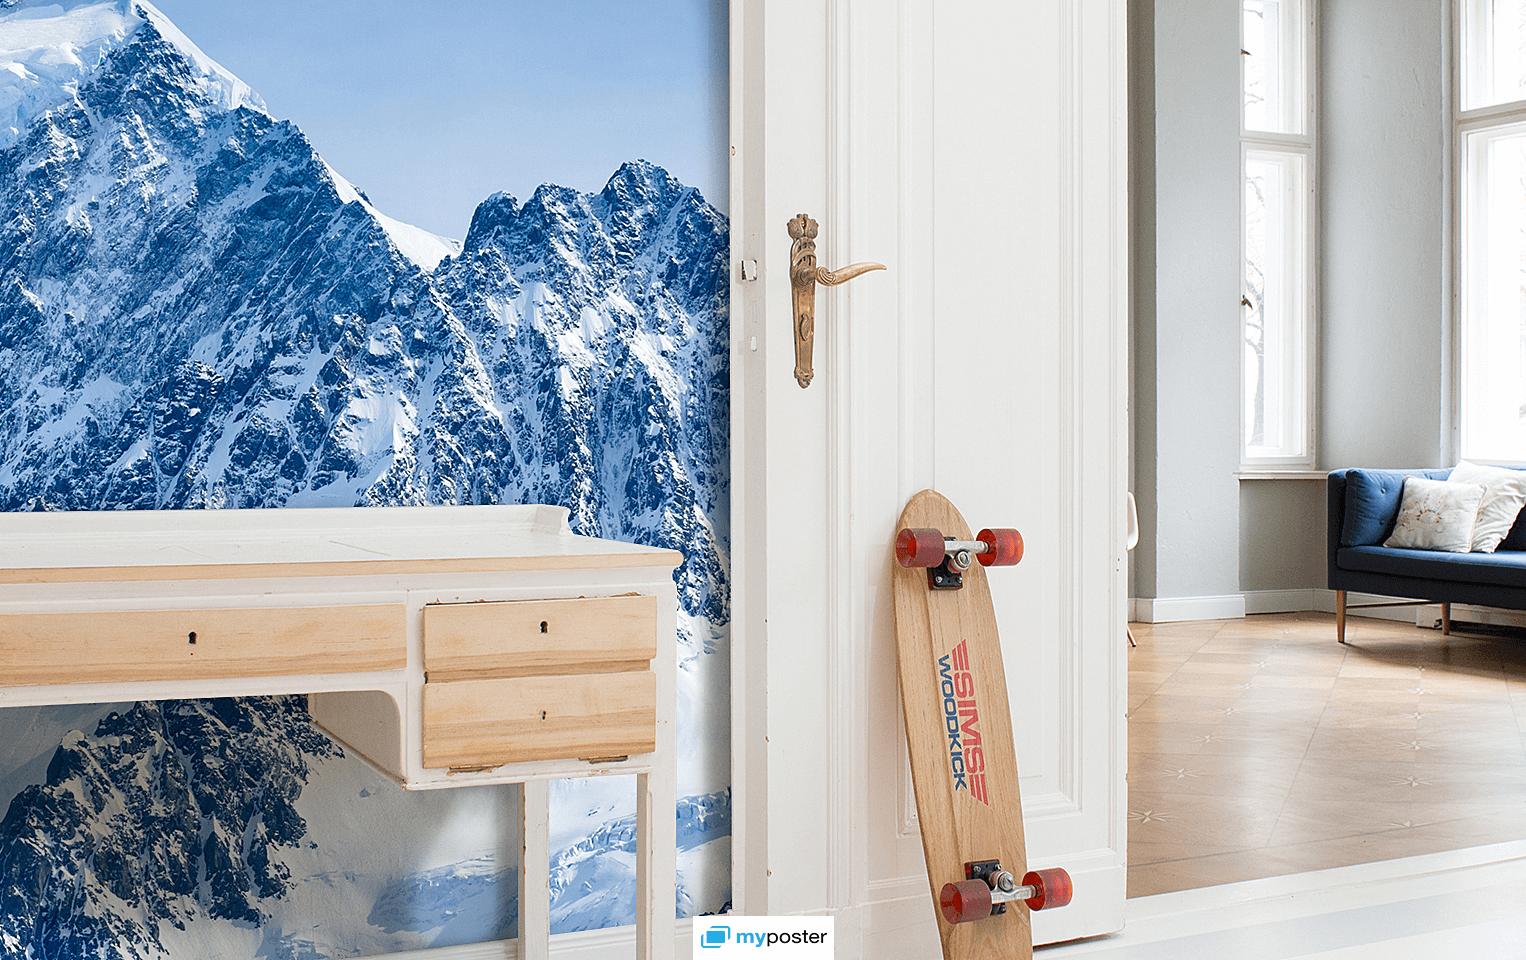 Beeindruckend Fototapete Mit Eigenem Bild Dekoration Von Einmal In Den Bergen Wohnen ❤ Macht